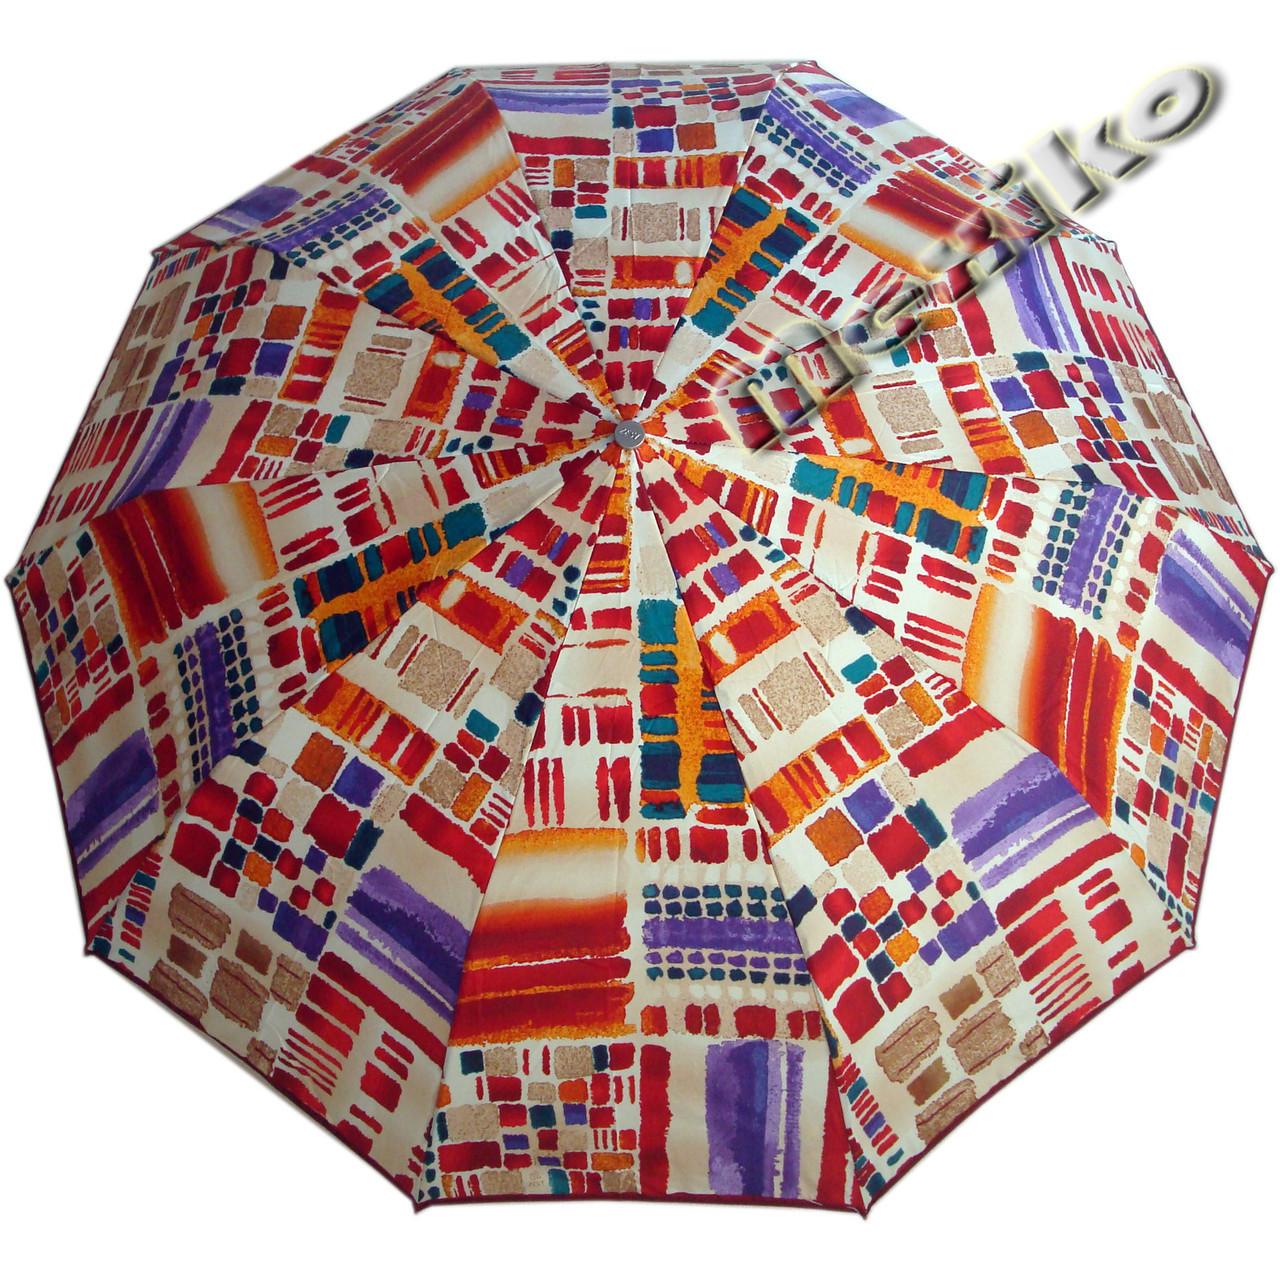 Зонт ZEST, полный автомат серия 10 спиц, расцветка Паолина